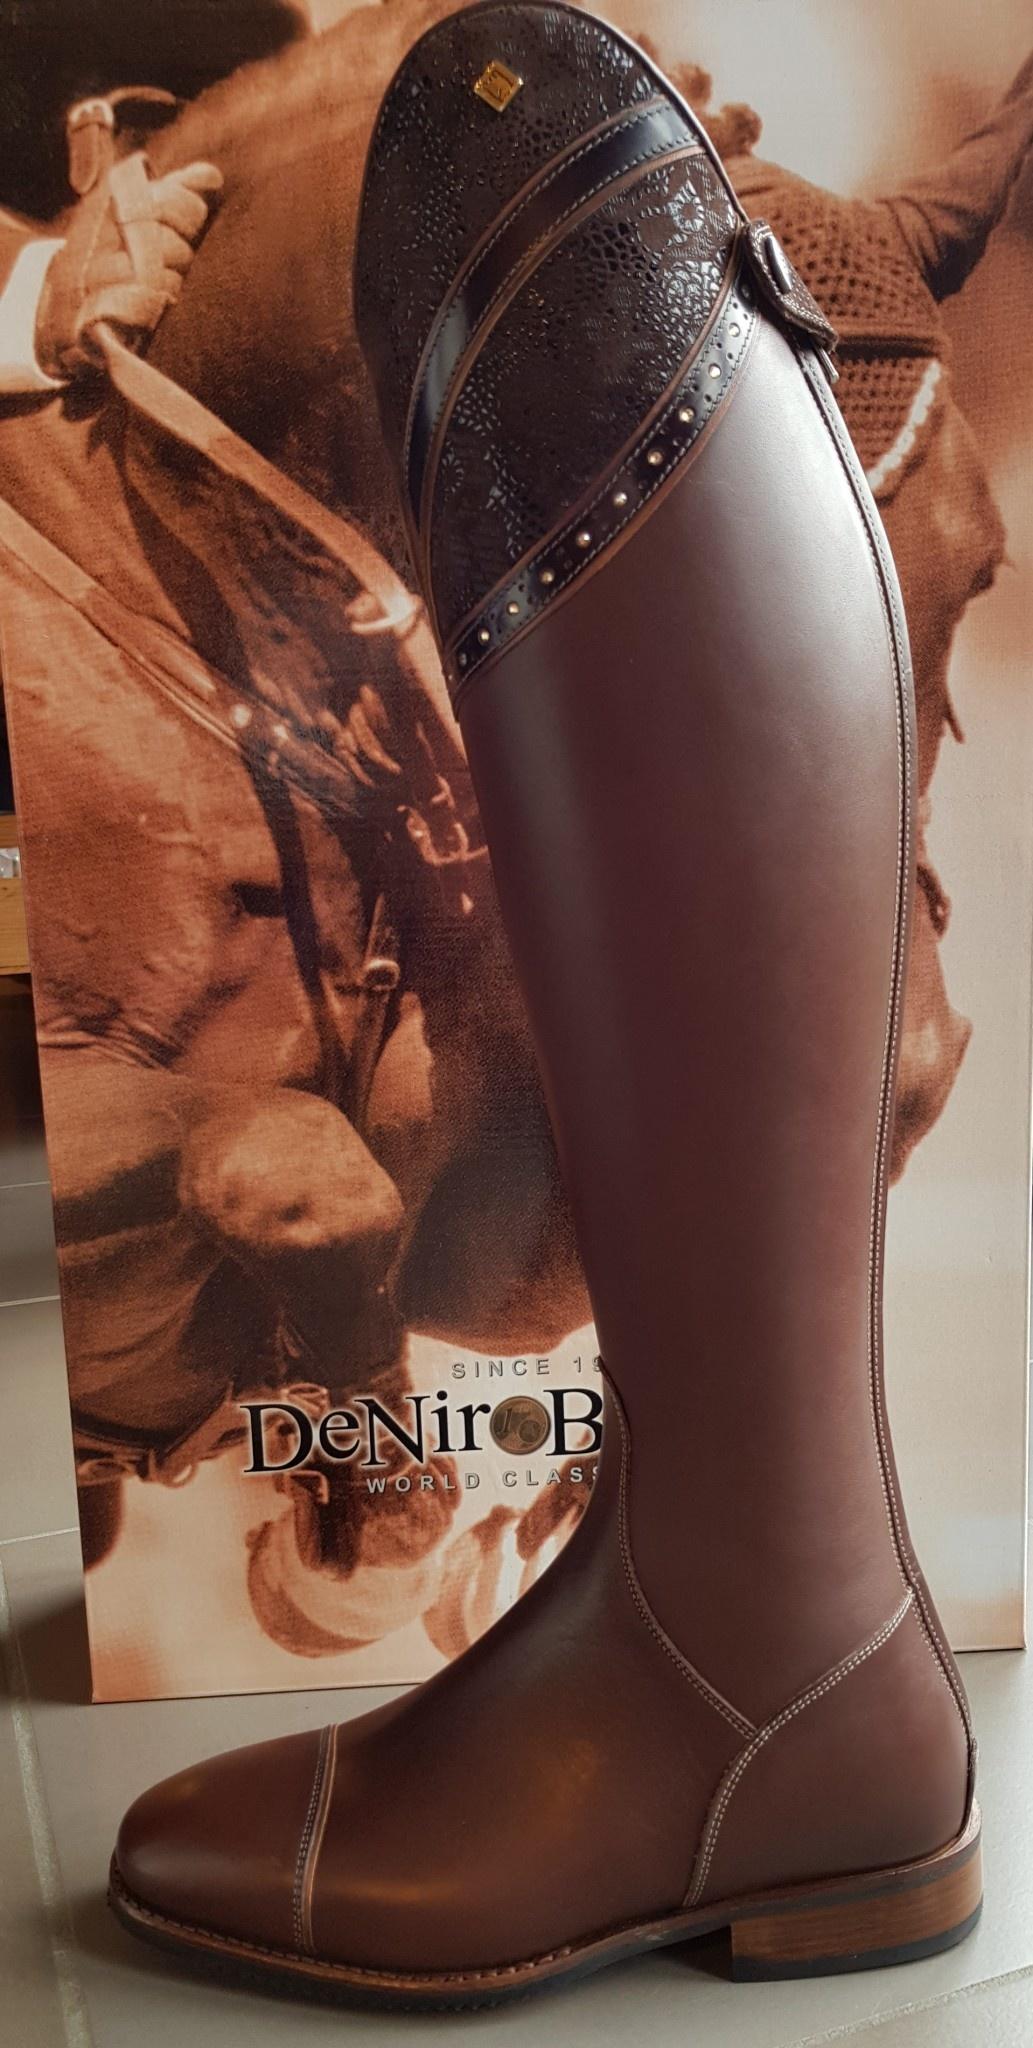 De Niro Boot DENIROBOOT S2601 met top Hunter Liz - Dolcefiore Brown - maat 37 - medium kort - kuit small - Vibram zool